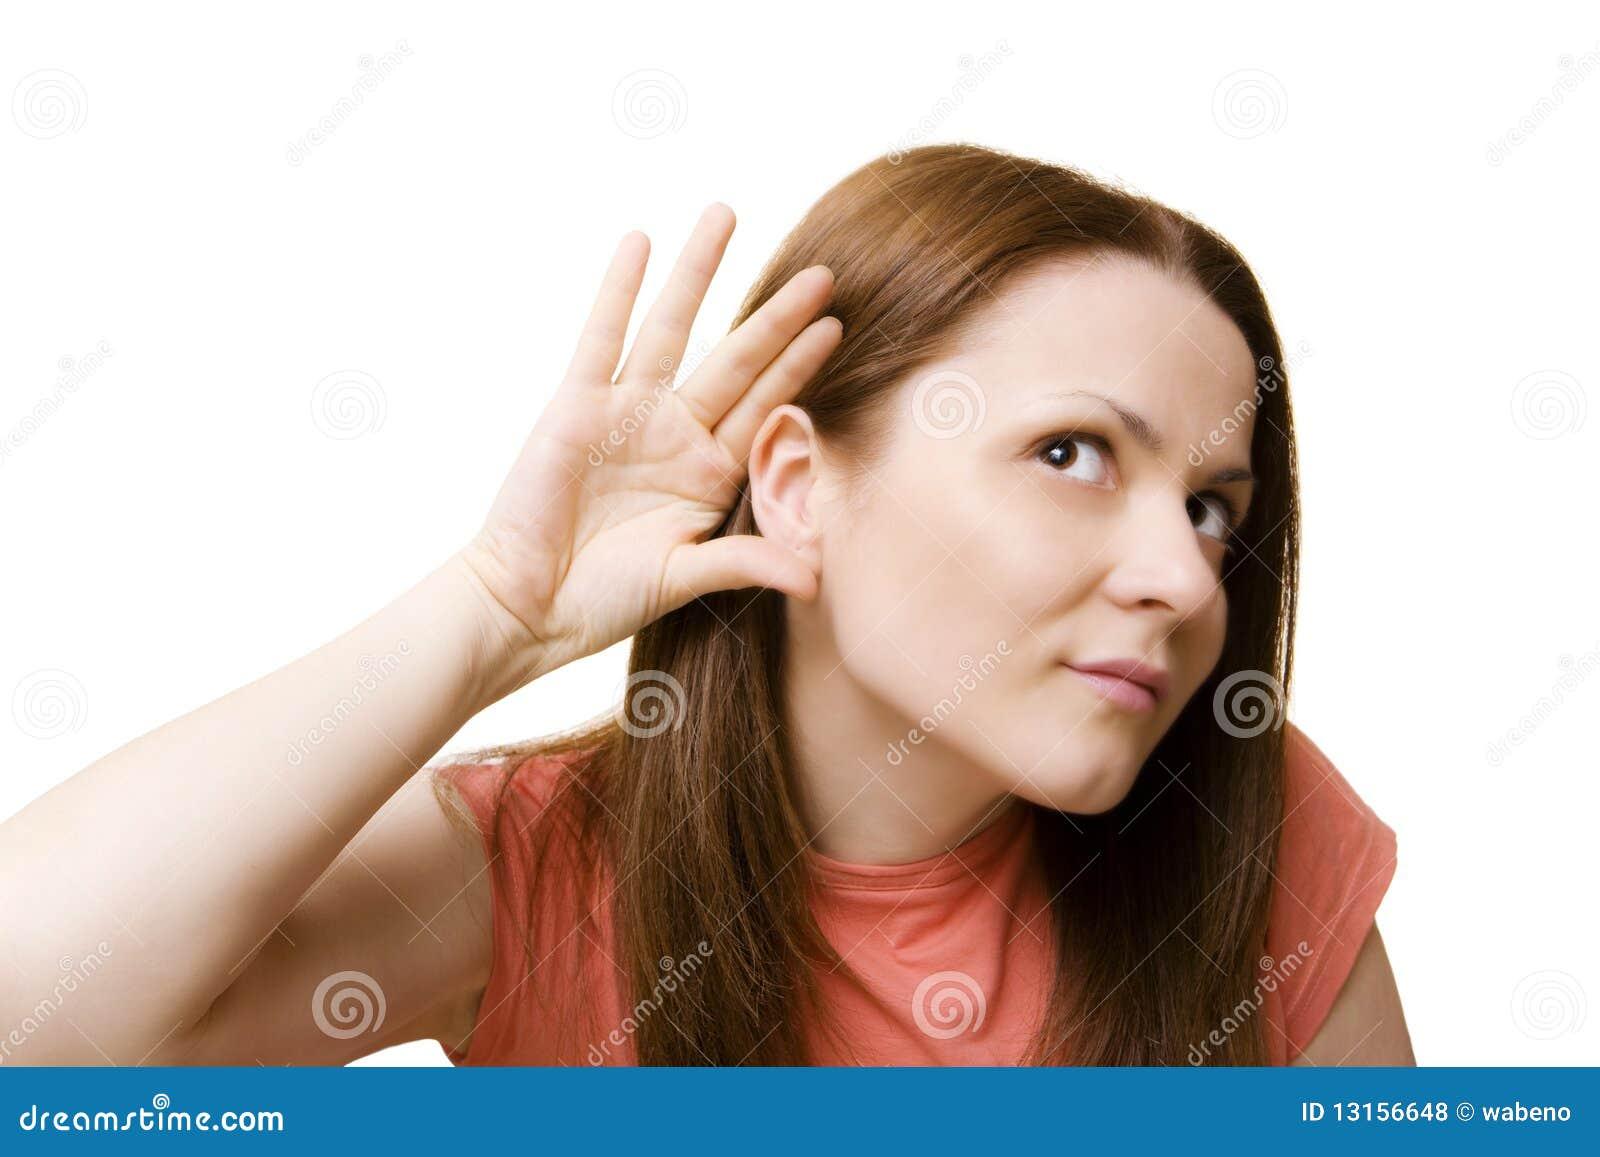 Kan niet u horen!